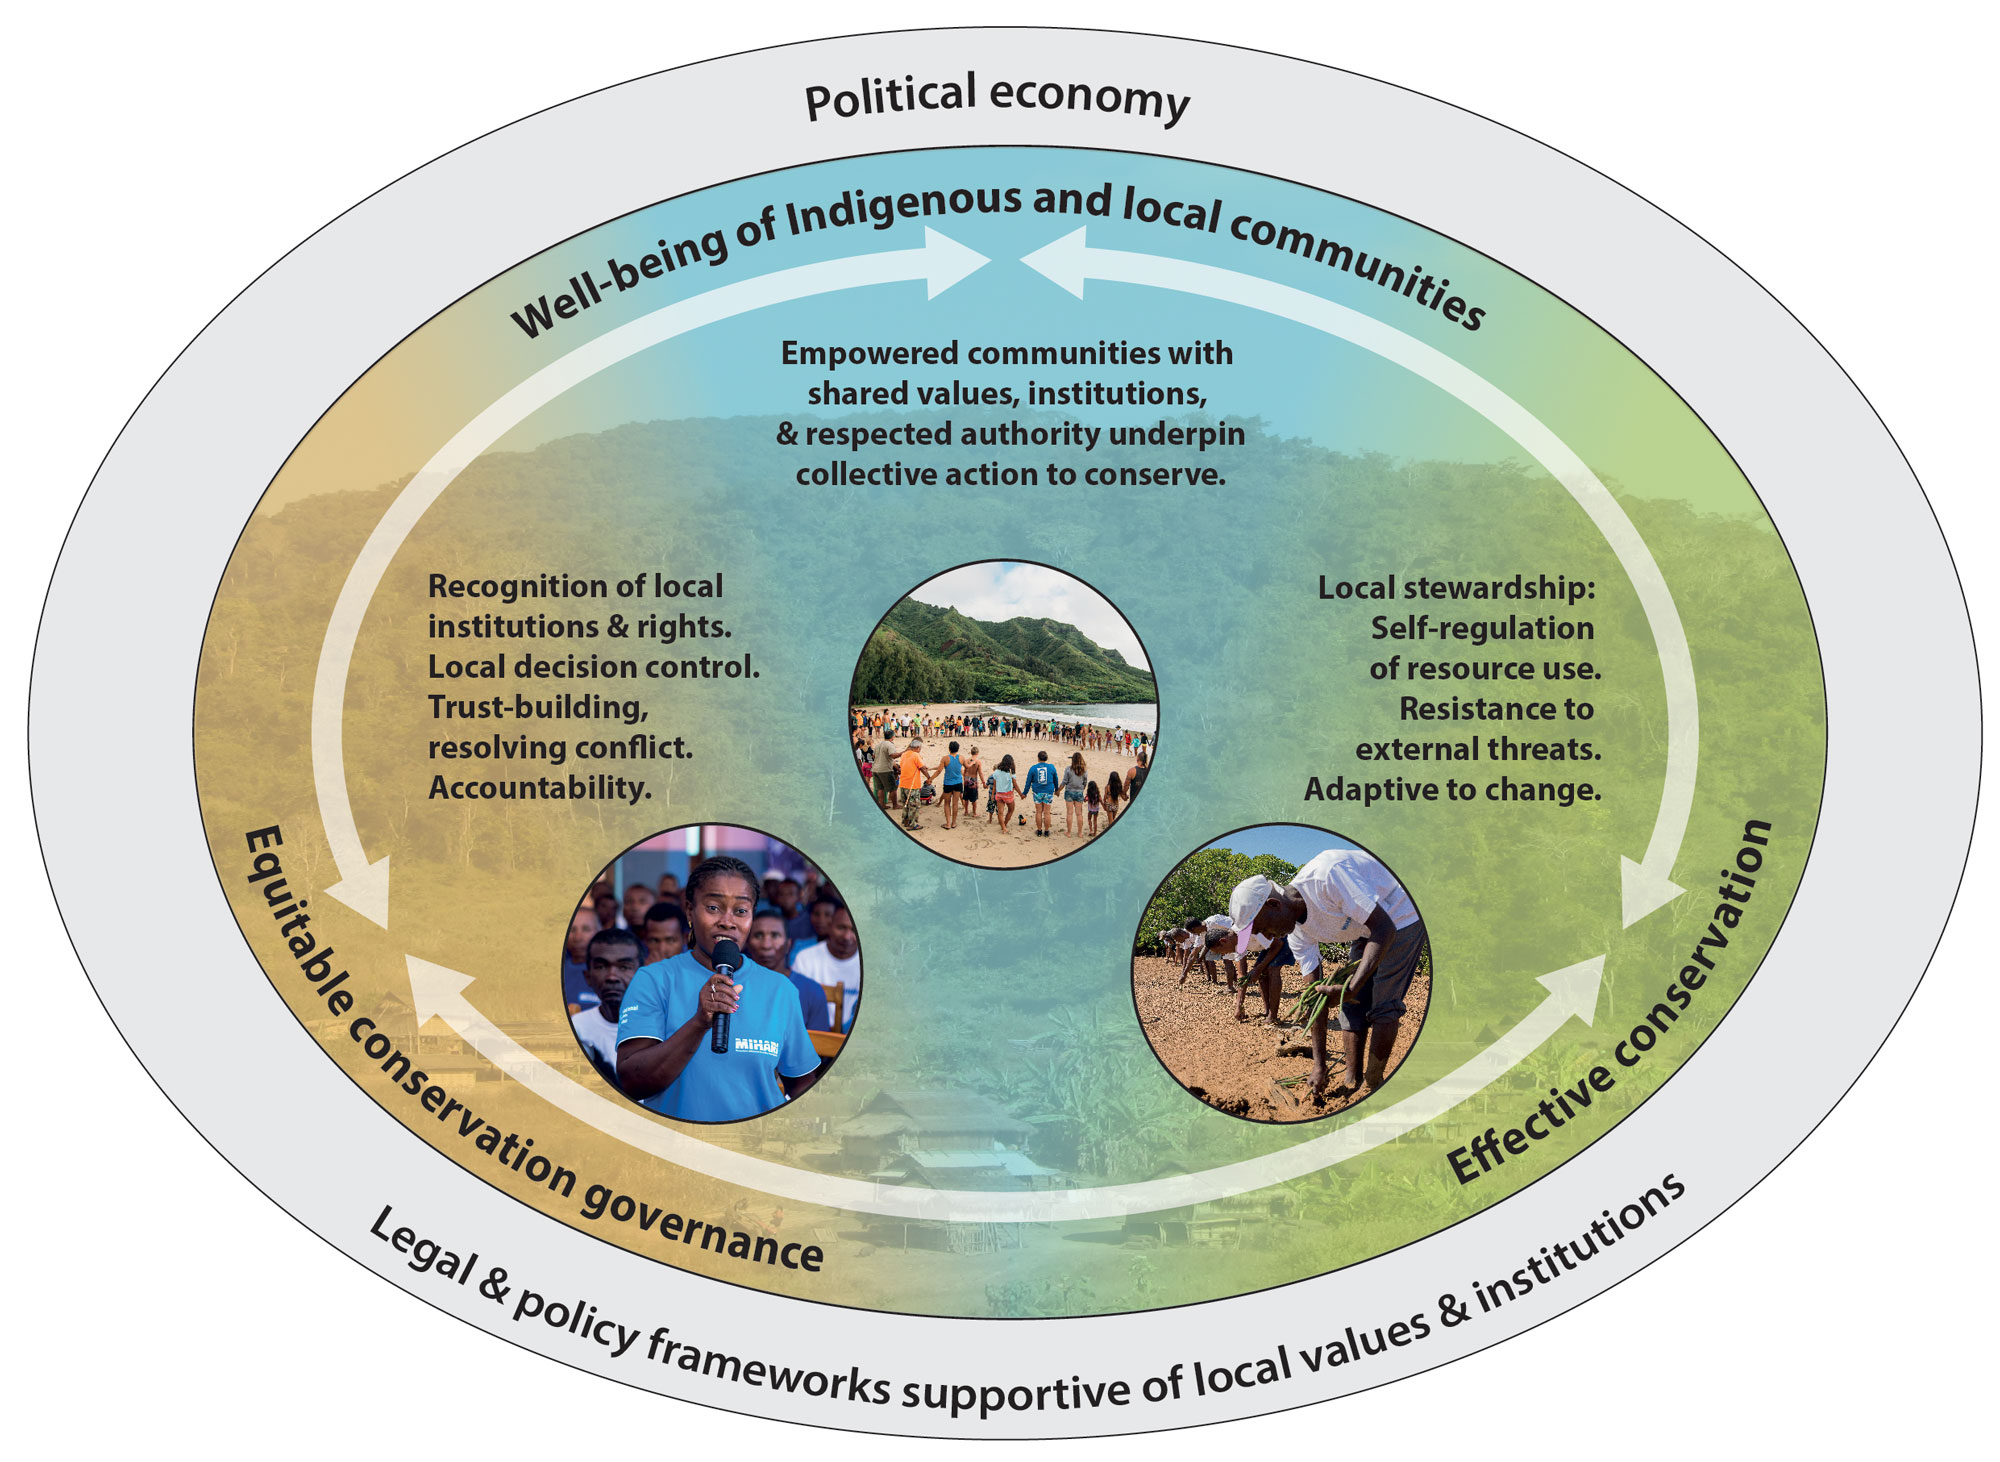 O papel central e inseparável dos povos indígenas e comunidades locais na conservação equitativa e eficaz da biodiversidade